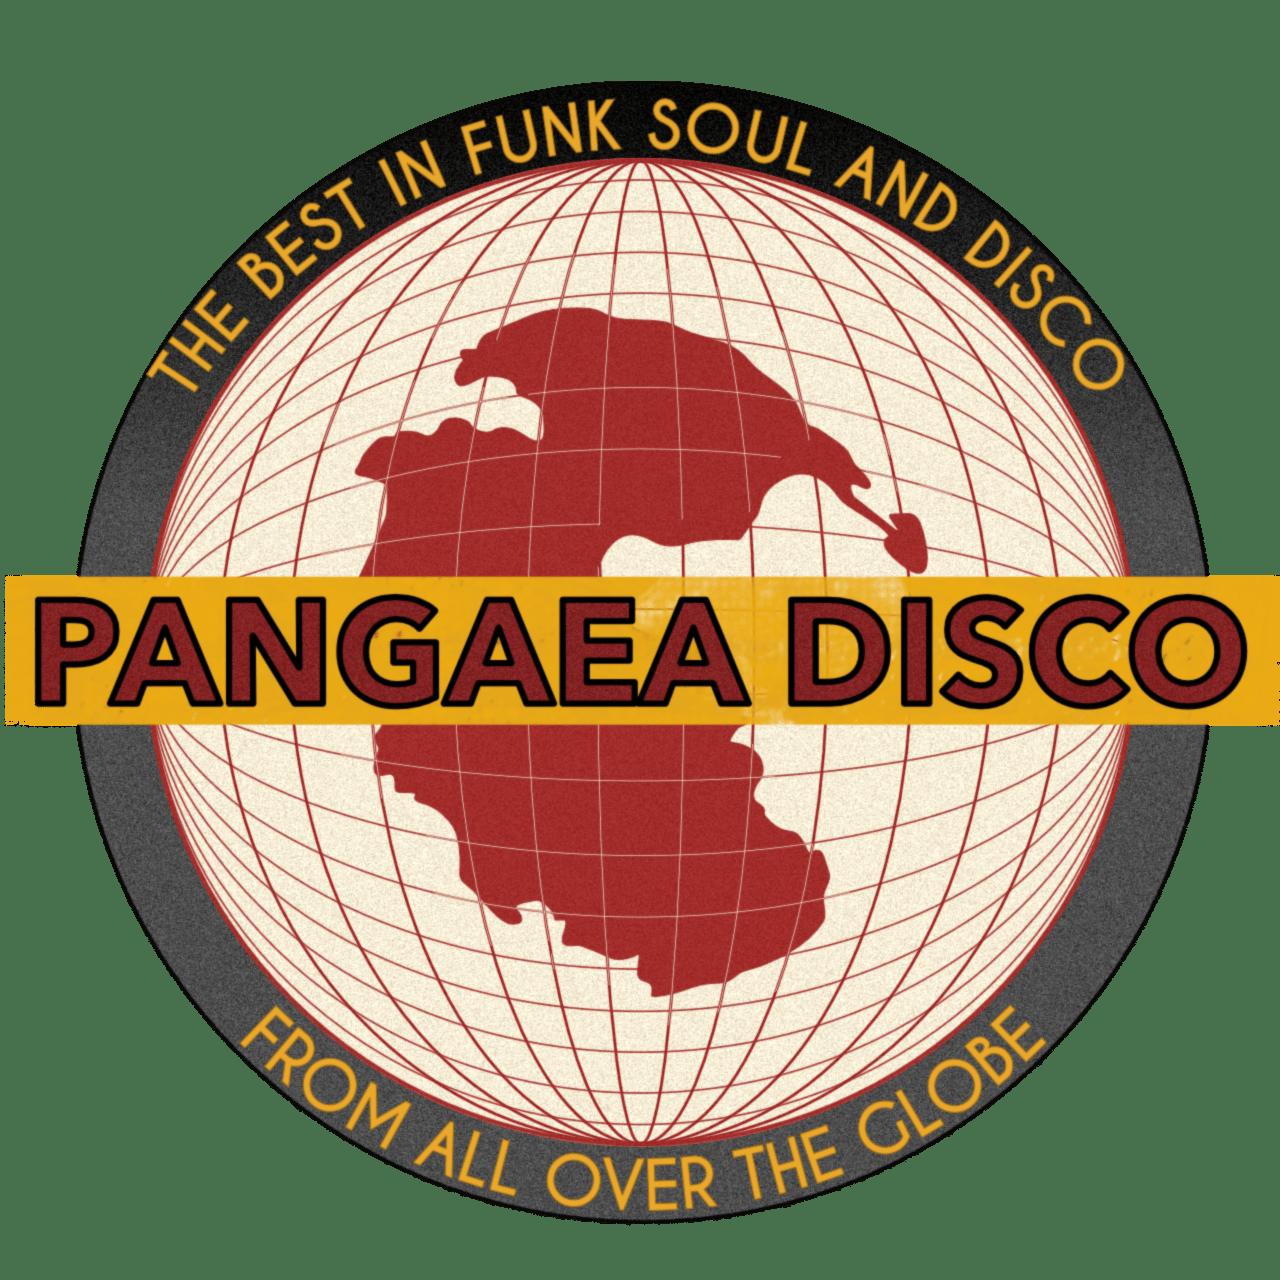 Pangaea Disco